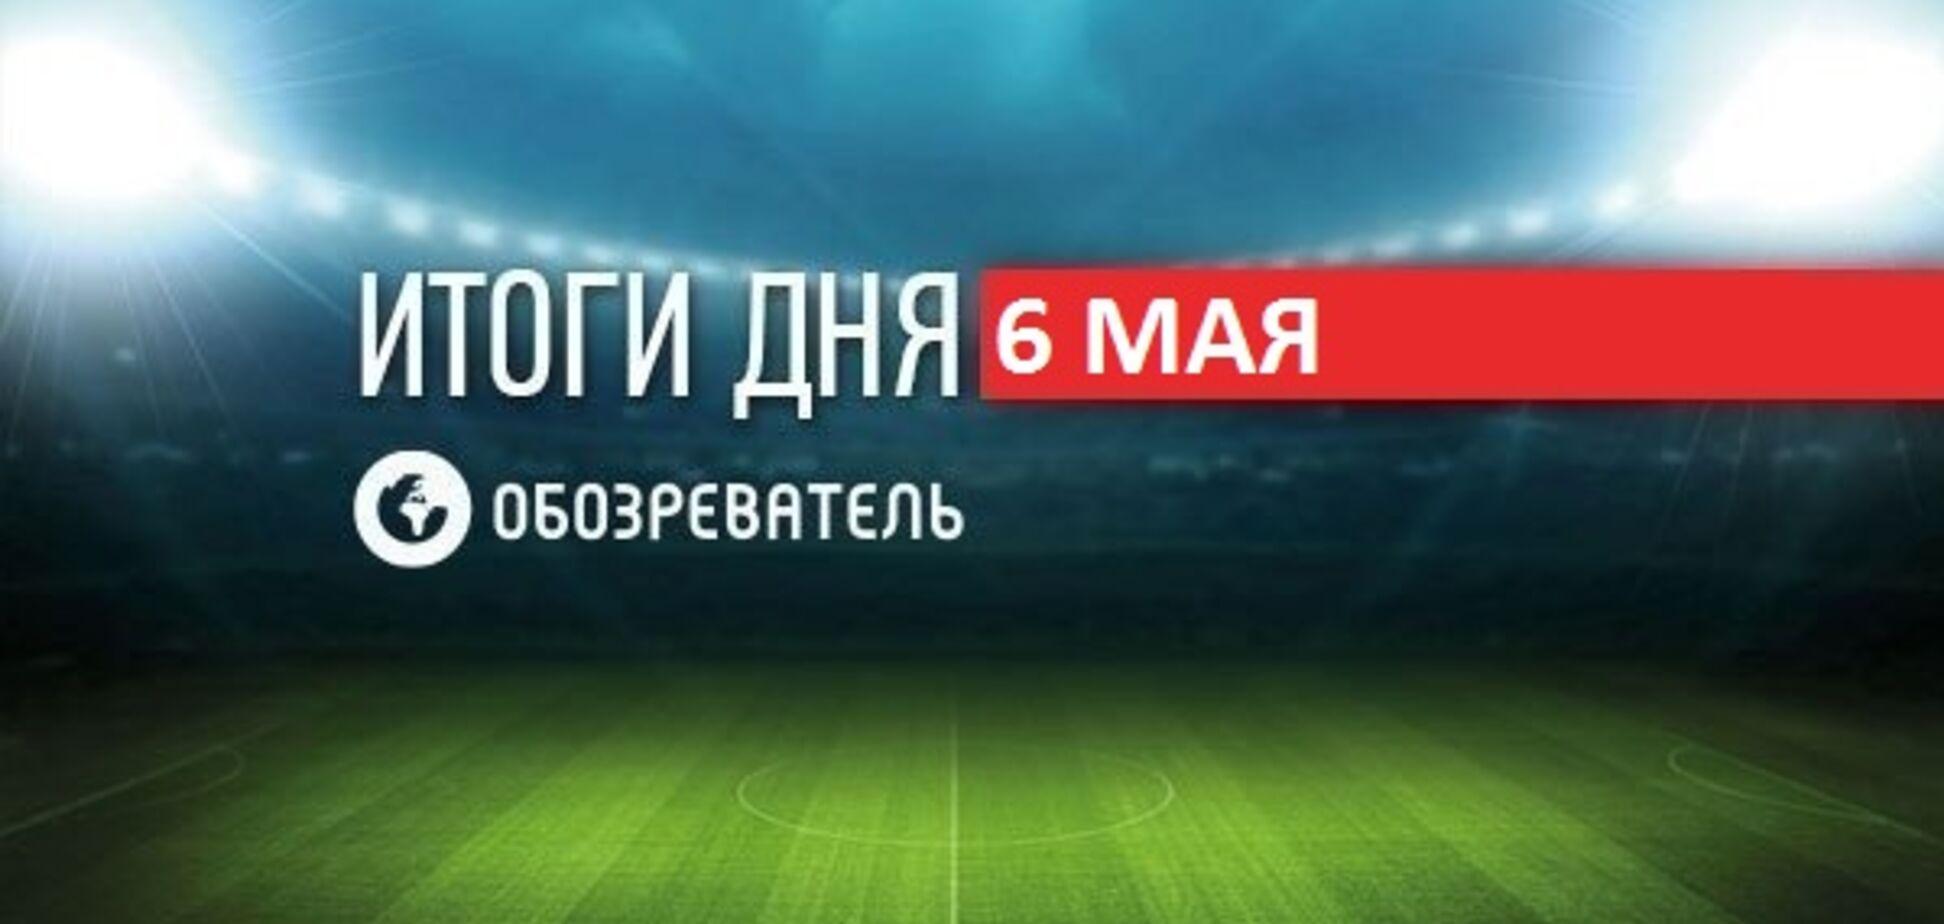 Усик высказался за дружбу с россиянами: спортивные итоги 6 мая